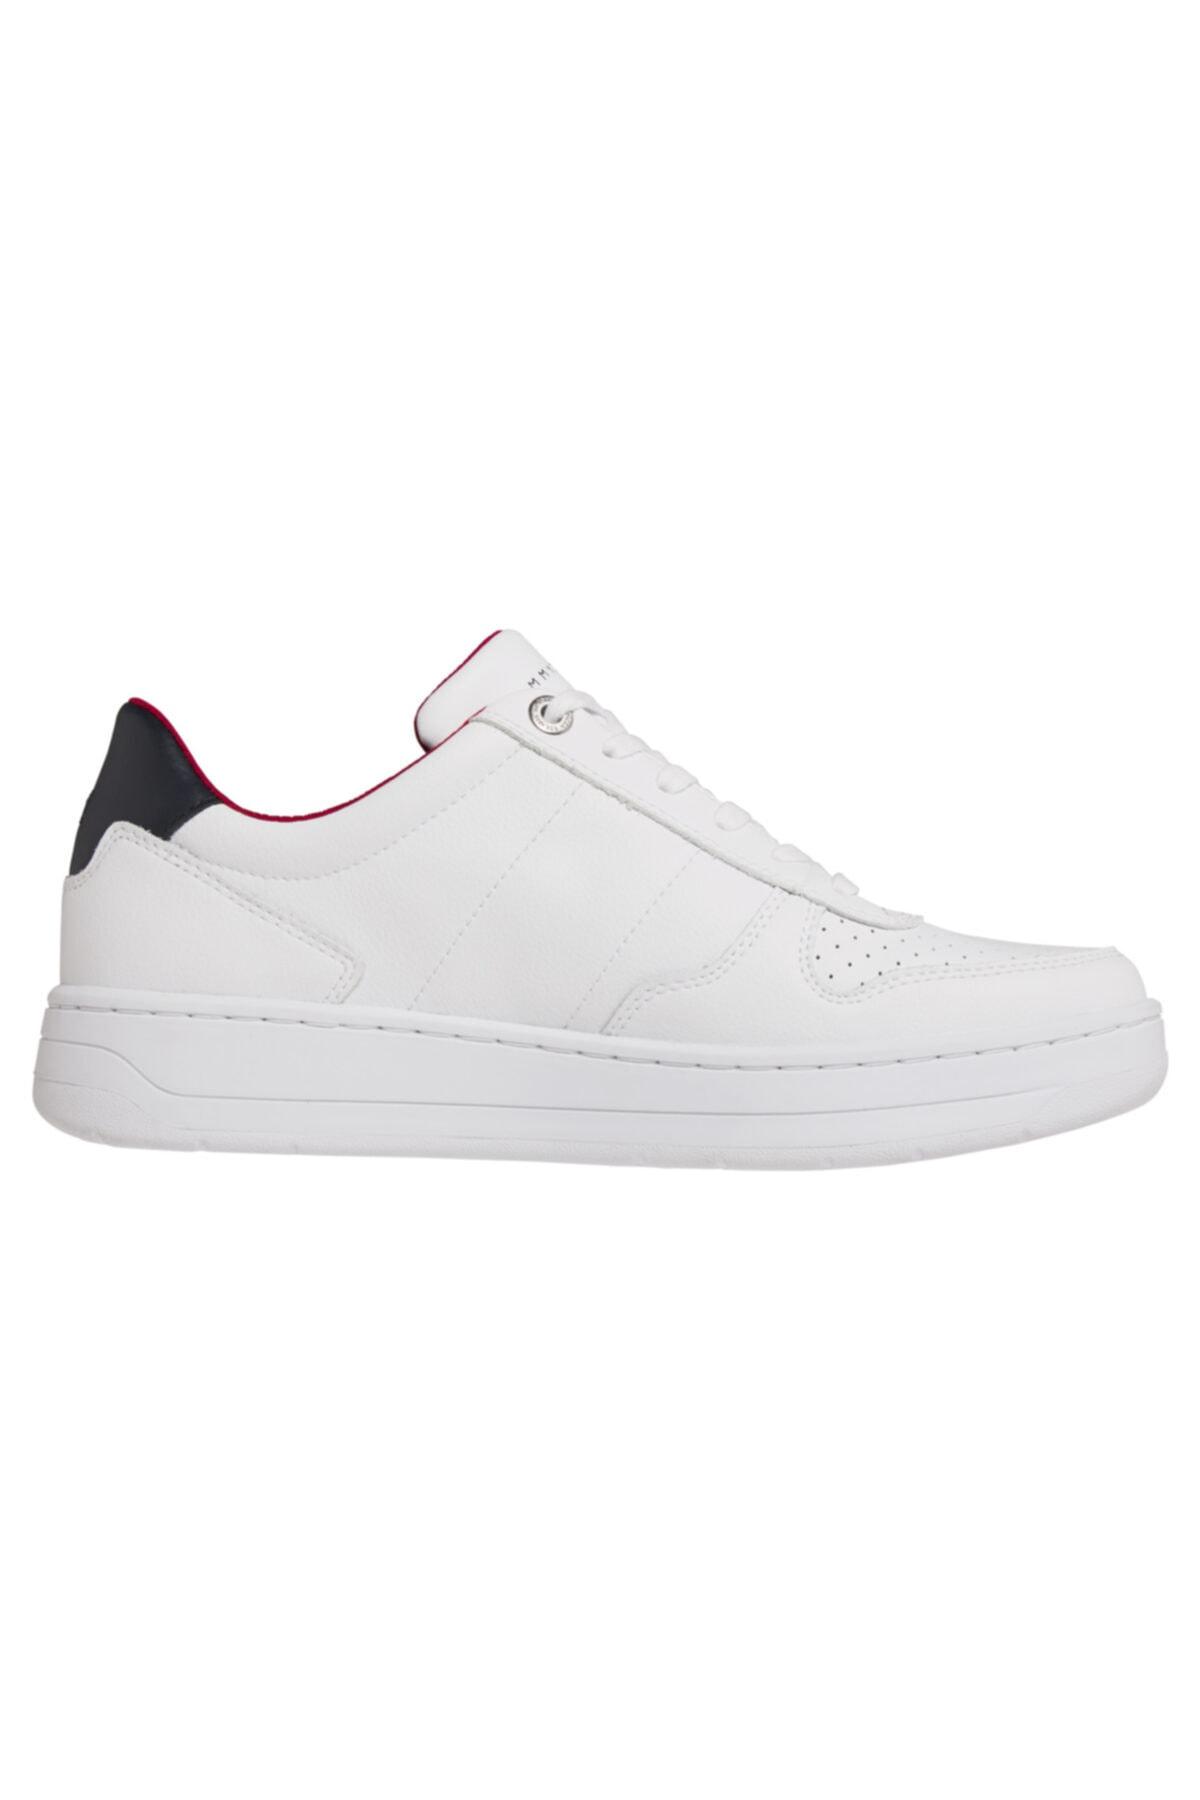 Tommy Hilfiger Erkek Cupsole Sneaker 2